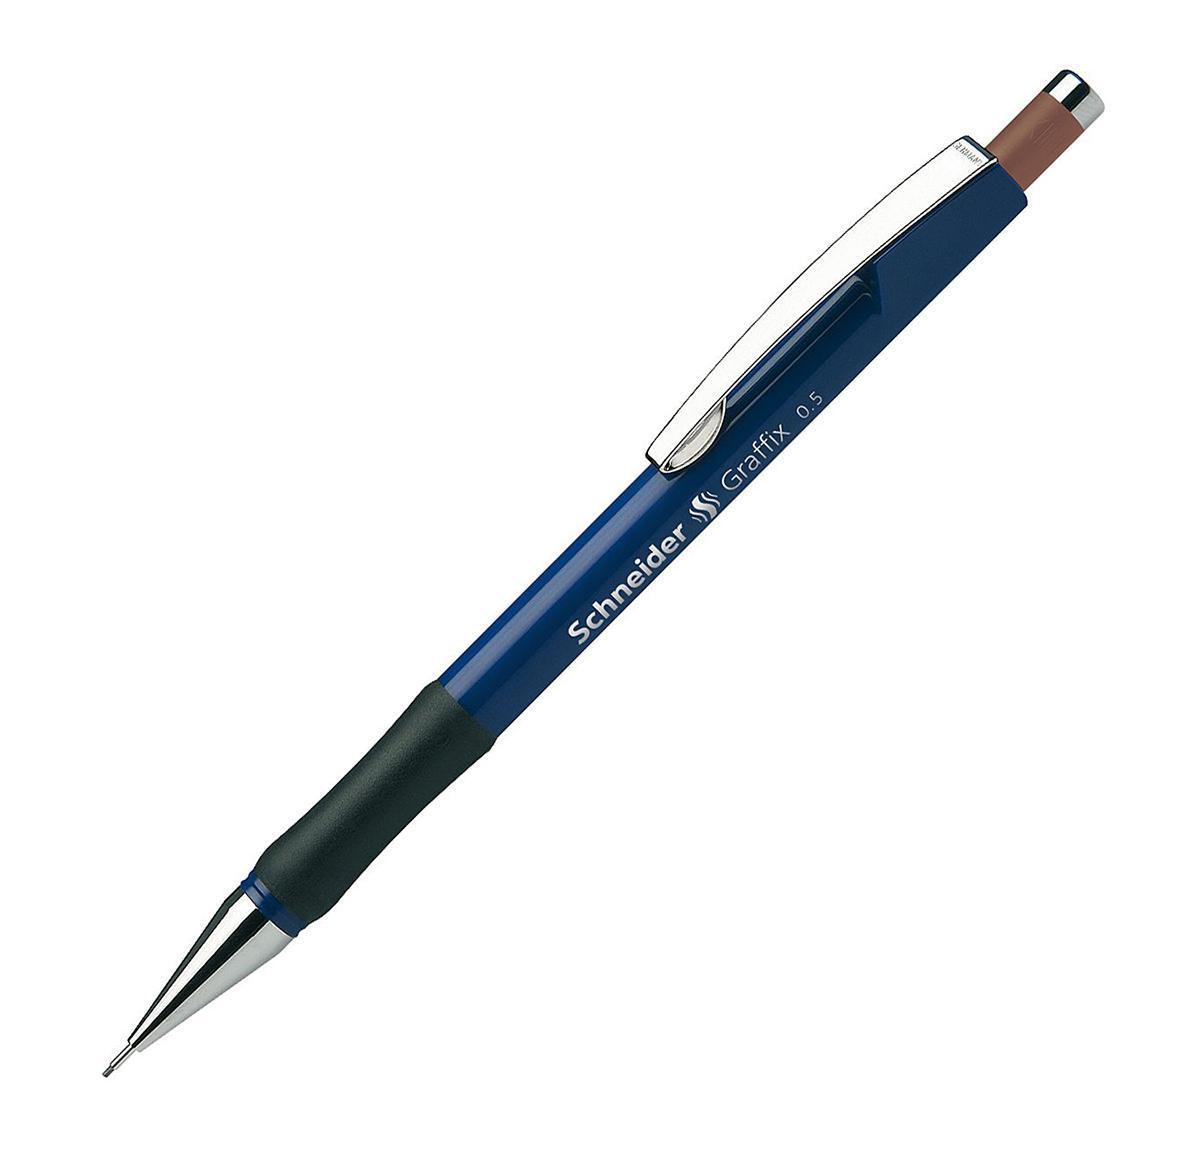 Механический карандаш GRAFIX (0,5 мм) корпус синего цвета.S1561/3 S1561-01/3